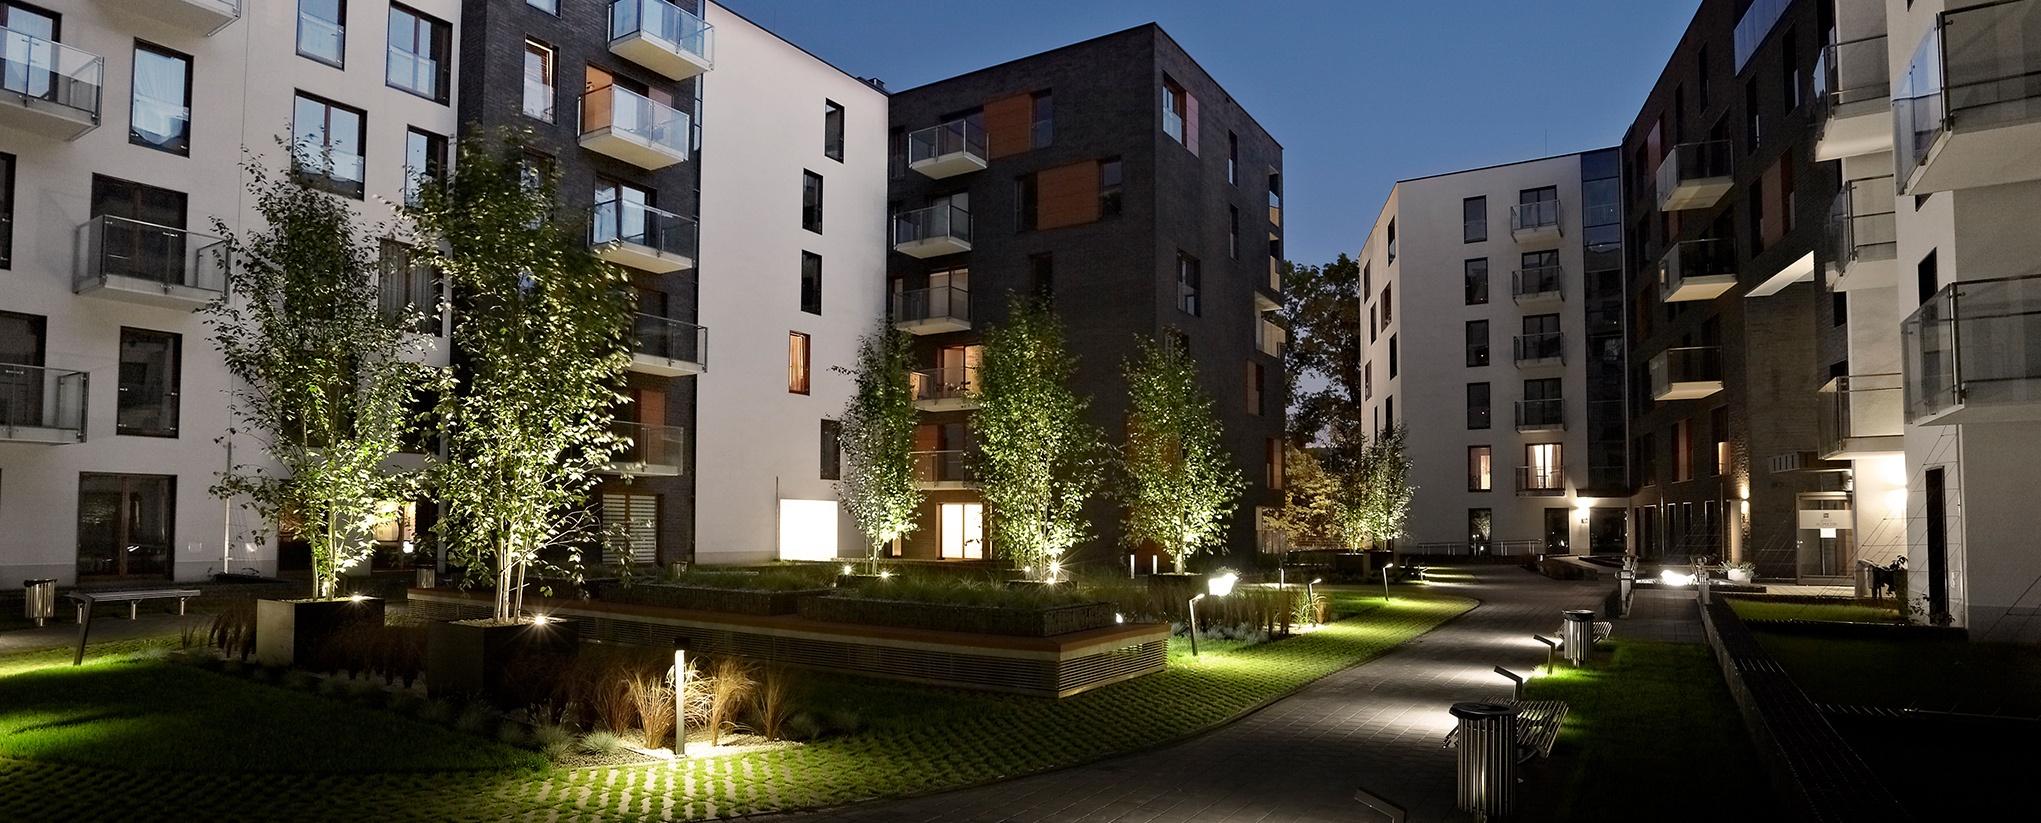 Cracow,Residential,ul. Rakowicka 20,1007